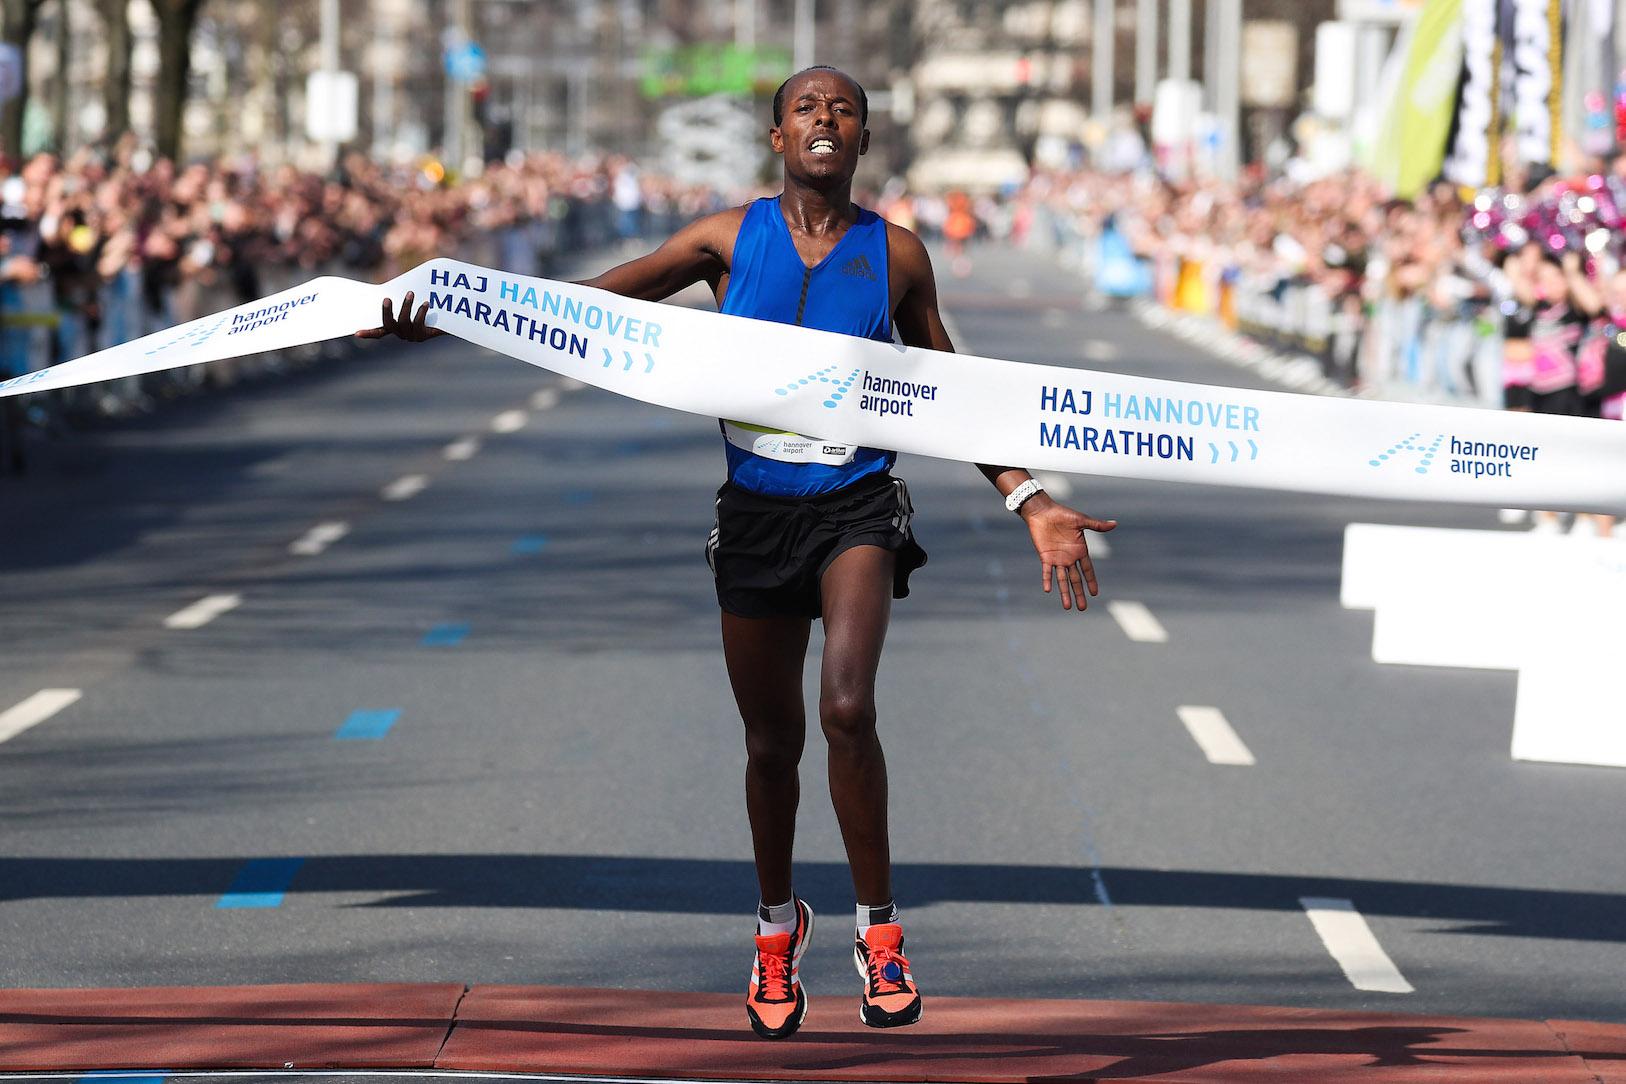 Etiopczyk Seboka Erre zwyciężył w HAJ Hannover Marathon. Henryk Szost był piąty.